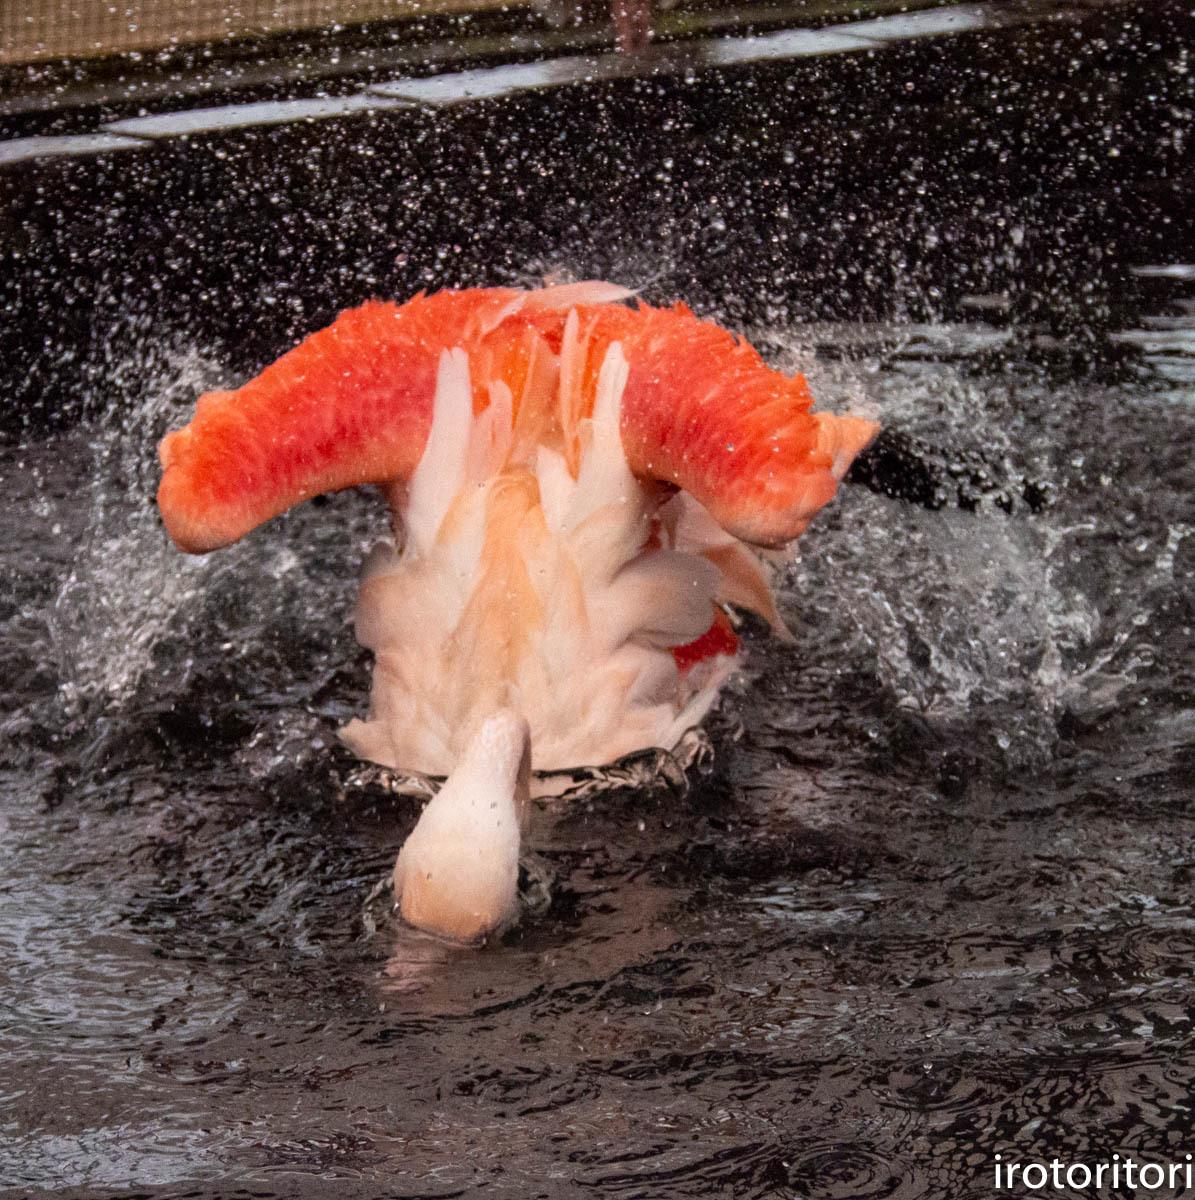 水浴び〜!!  (フラミンゴ)  2020/01/04  _d0146592_00020207.jpg